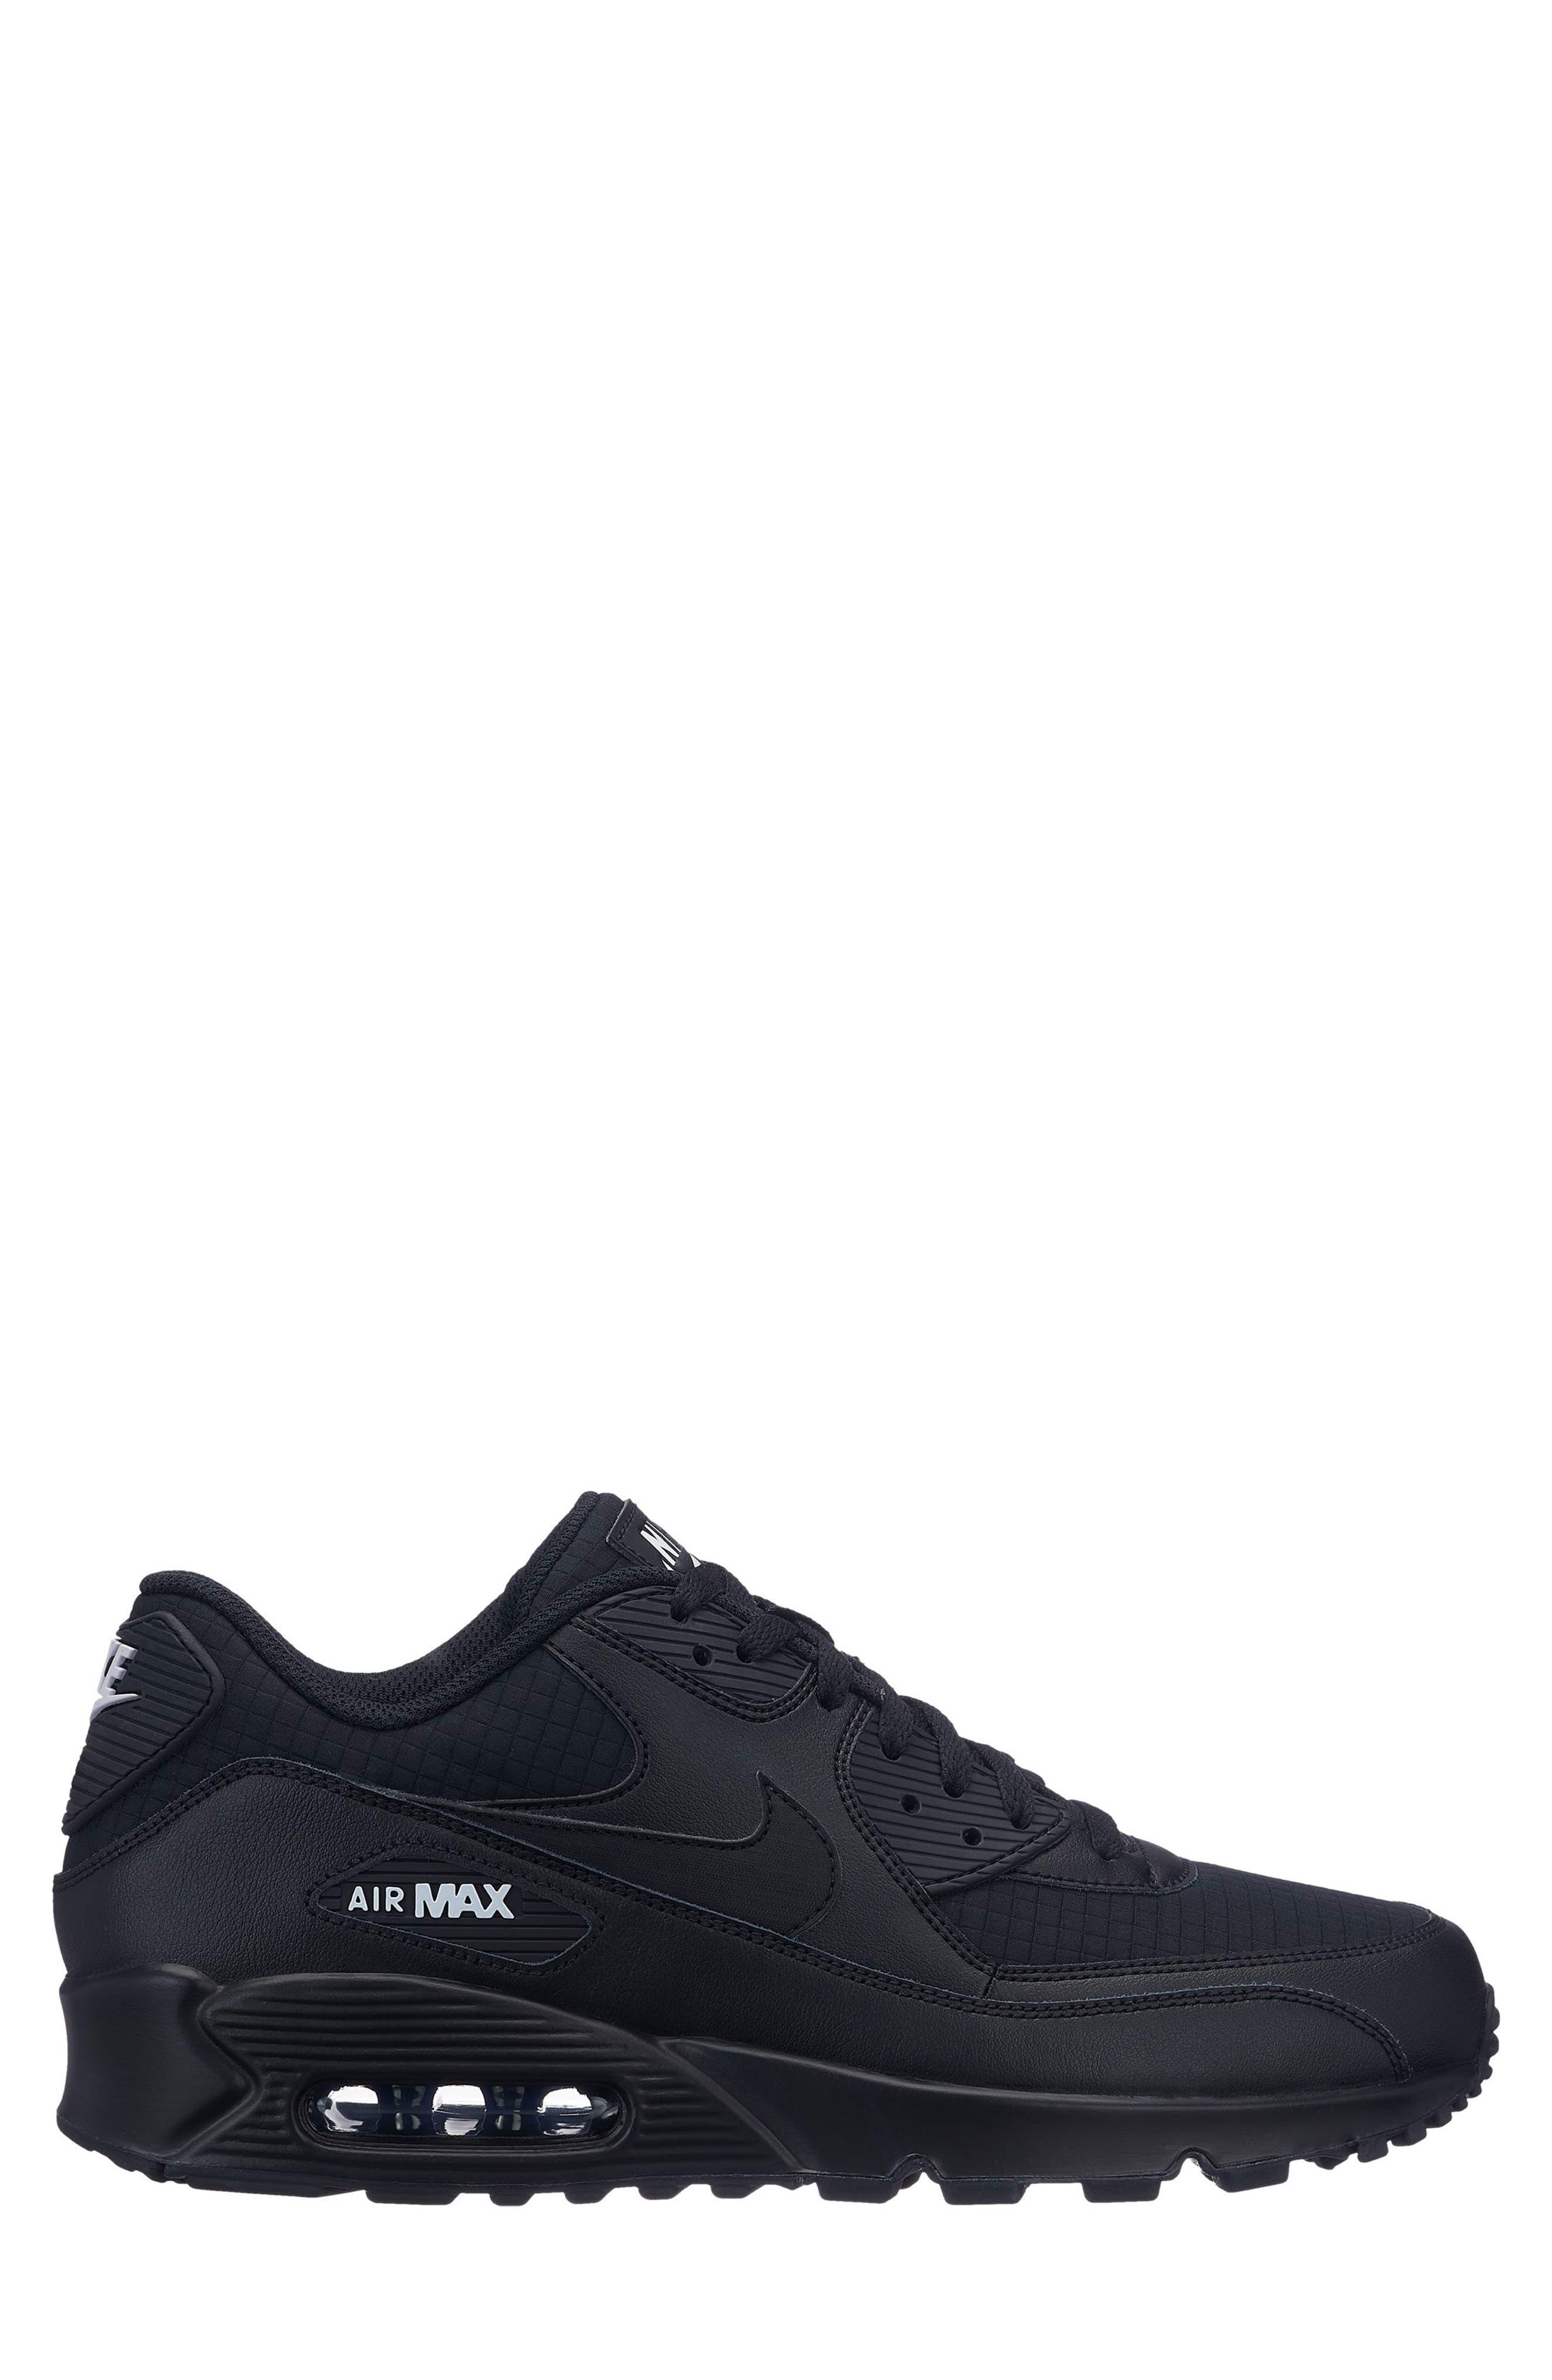 Air Max 90 Essential Sneaker,                             Main thumbnail 1, color,                             BLACK/ WHITE